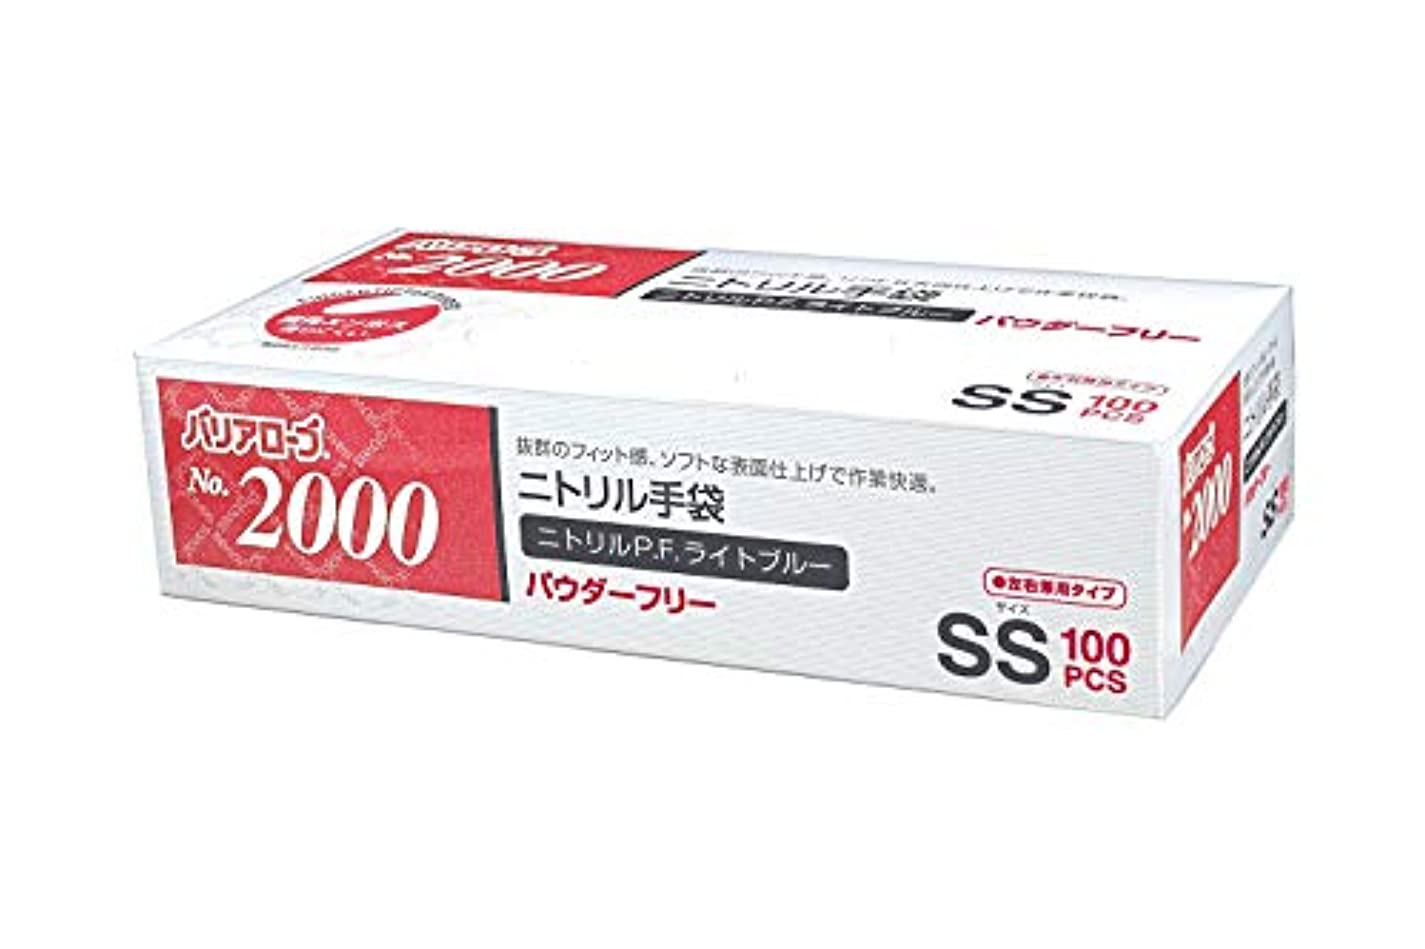 アスレチック脊椎来て【ケース販売】 バリアローブ №2000 ニトリルP.F.ライト ブルー (パウダーフリー) SS 2000枚(100枚×20箱)